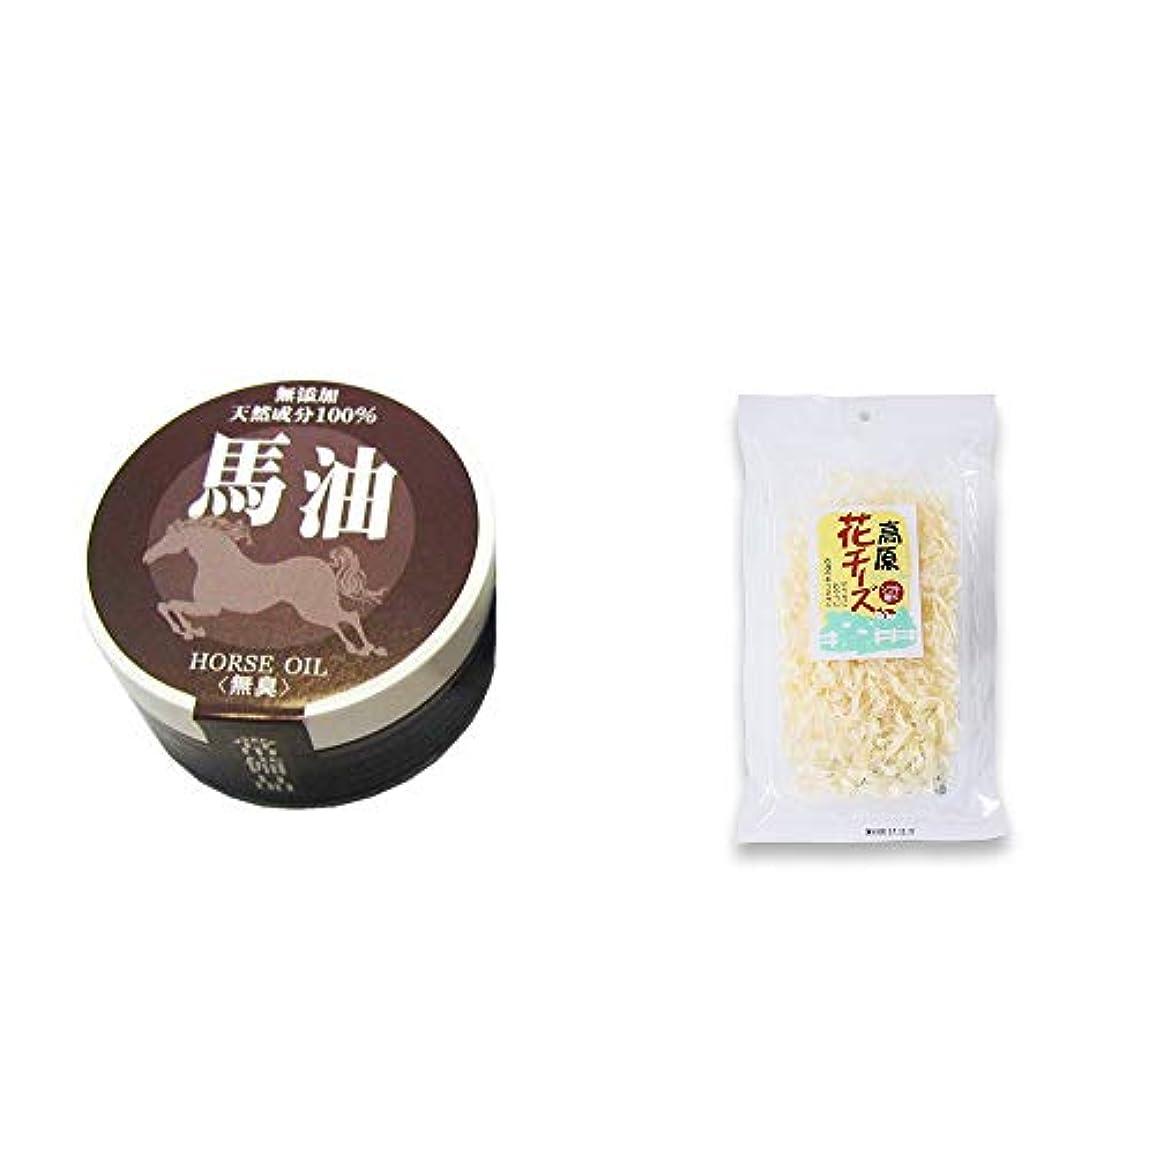 [2点セット] 無添加天然成分100% 馬油[無香料](38g)?高原の花チーズ(56g)